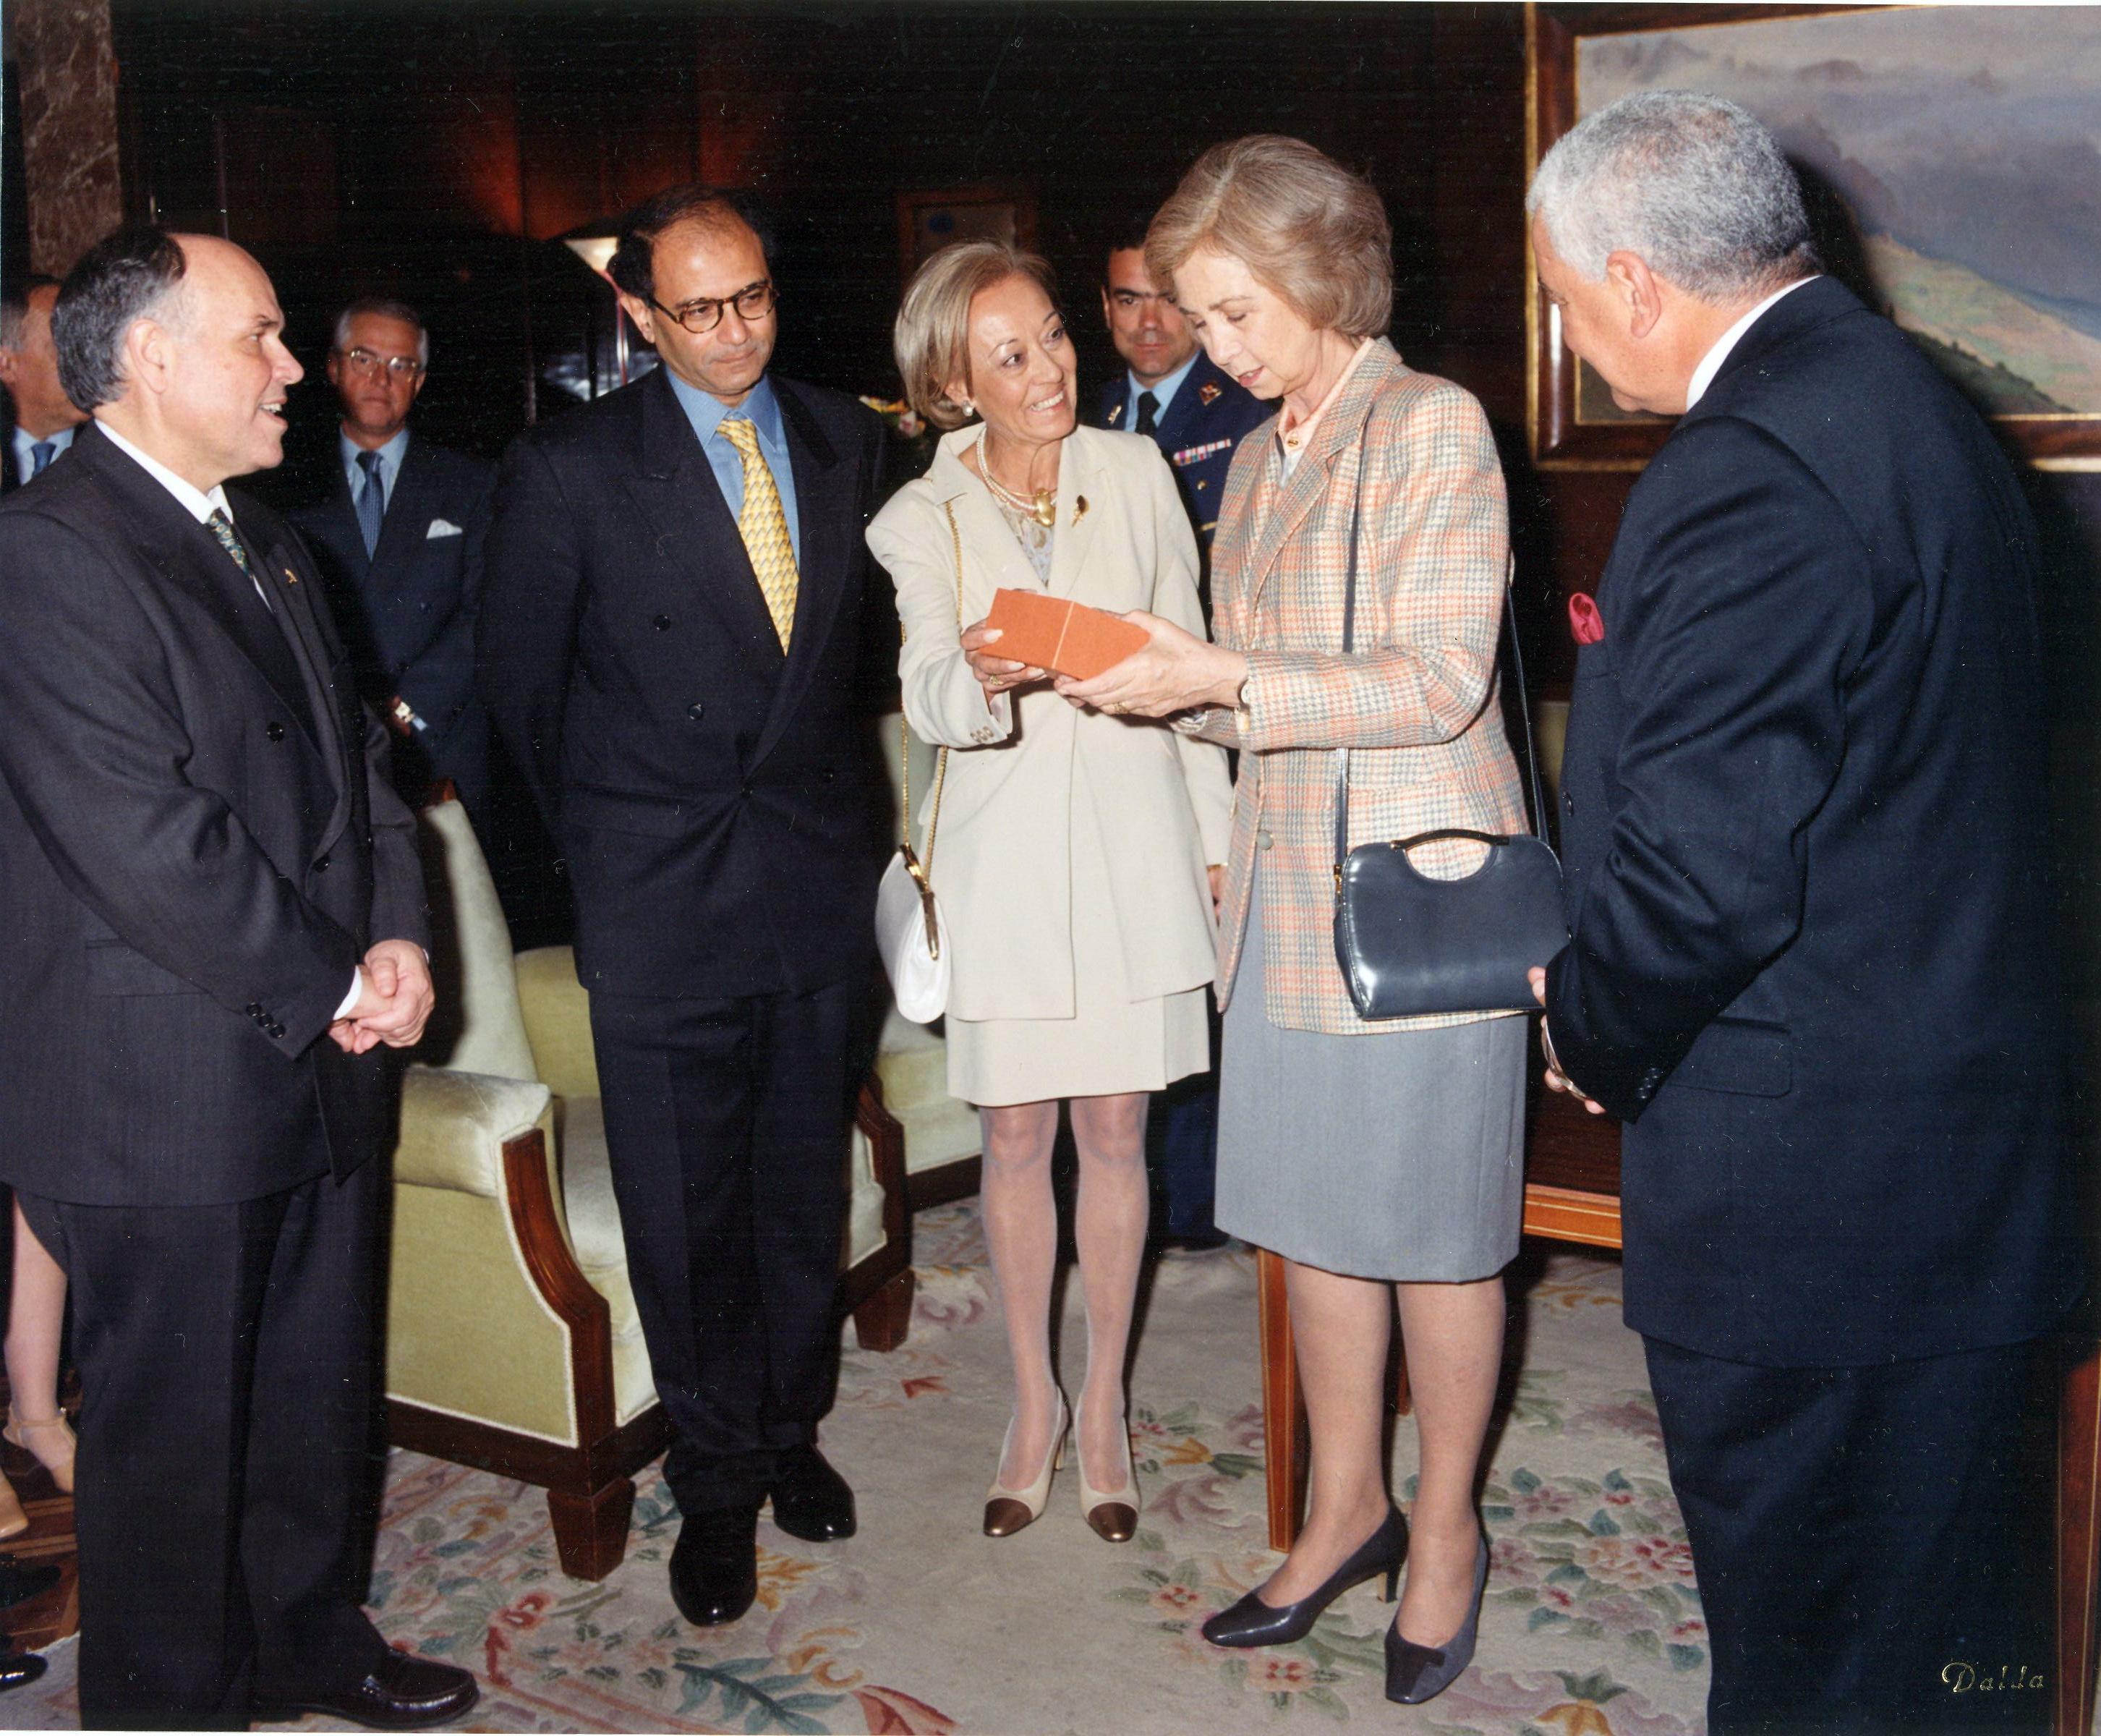 Invitación de la AEDE a S.M. la Reina 8-IV-1998  (1)